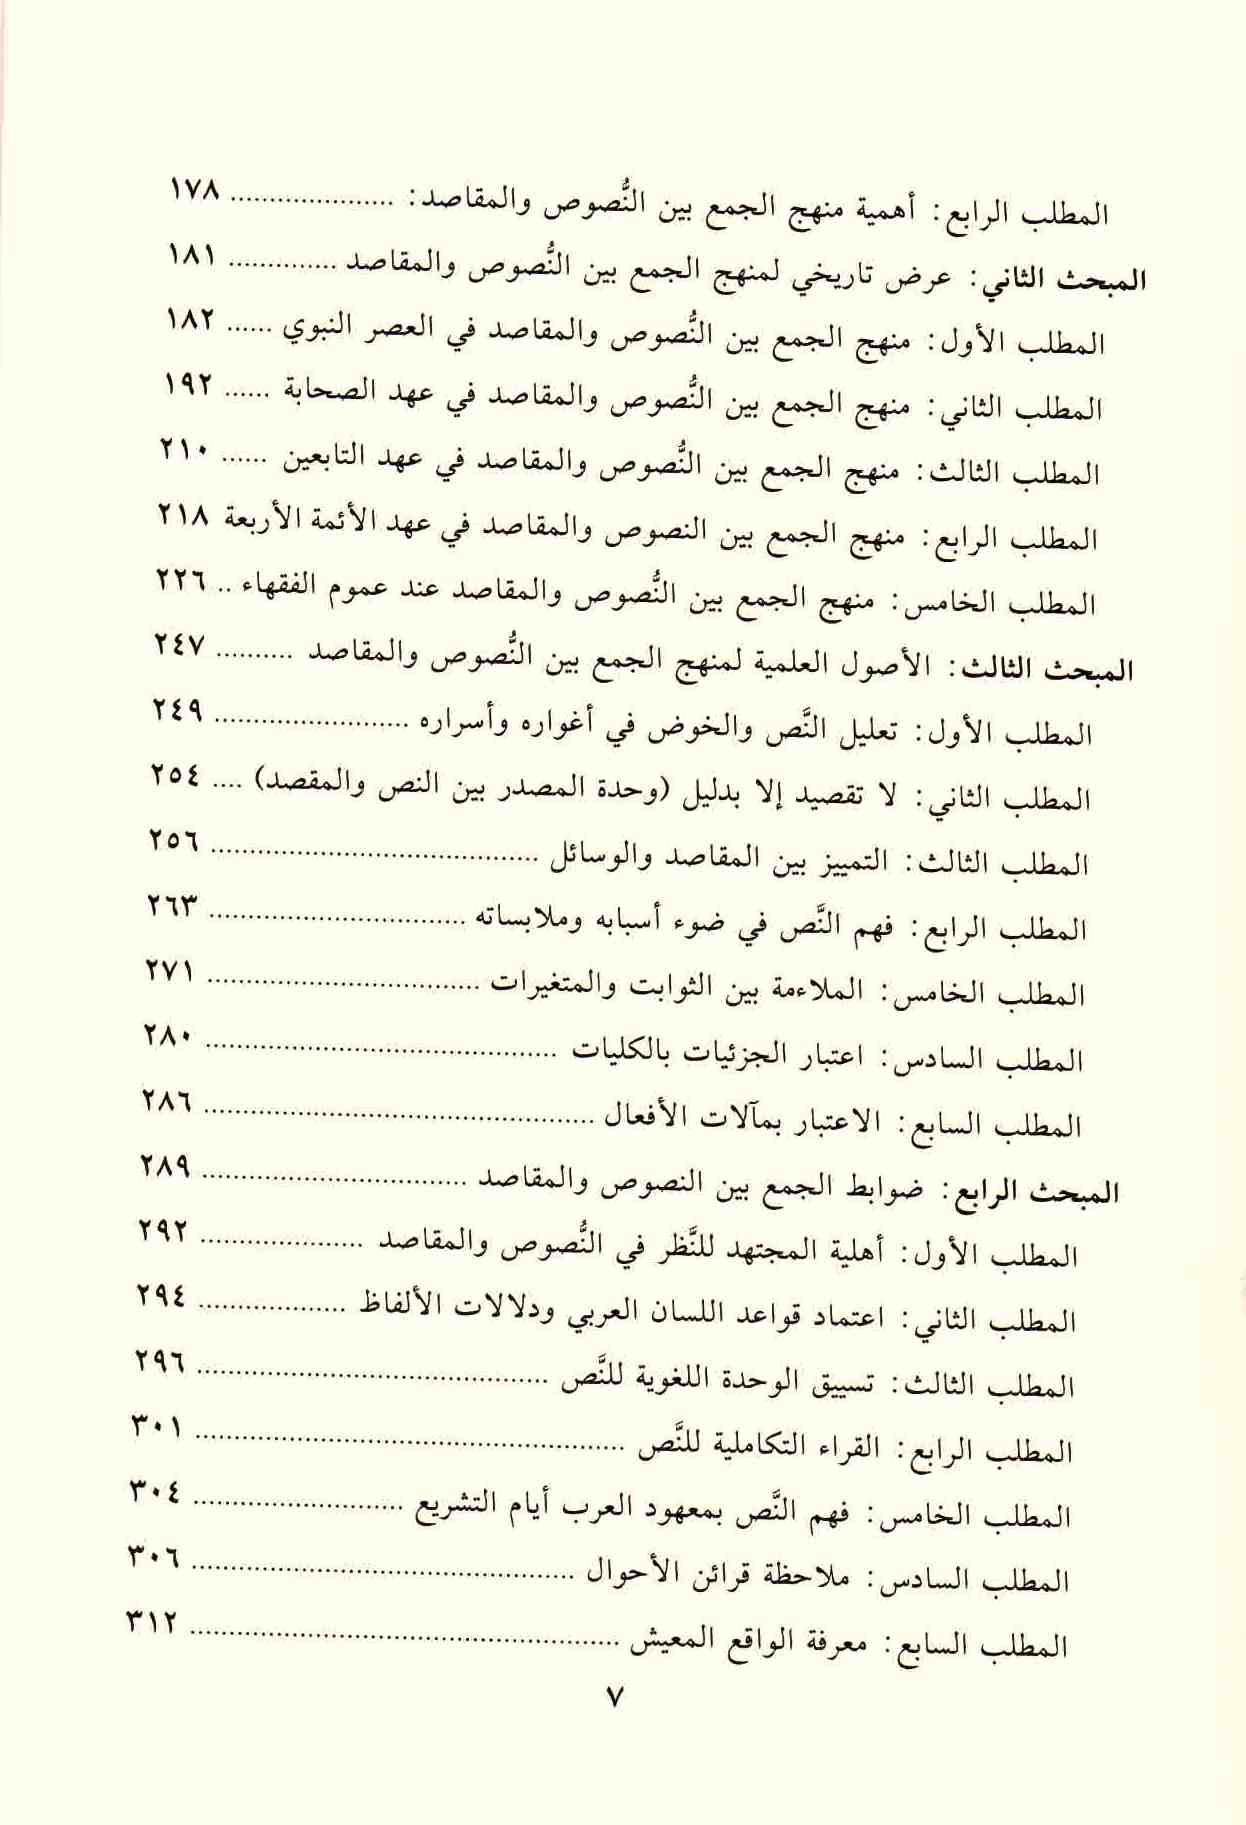 ص 7 محتويات كتاب استثمار النص الشرعي